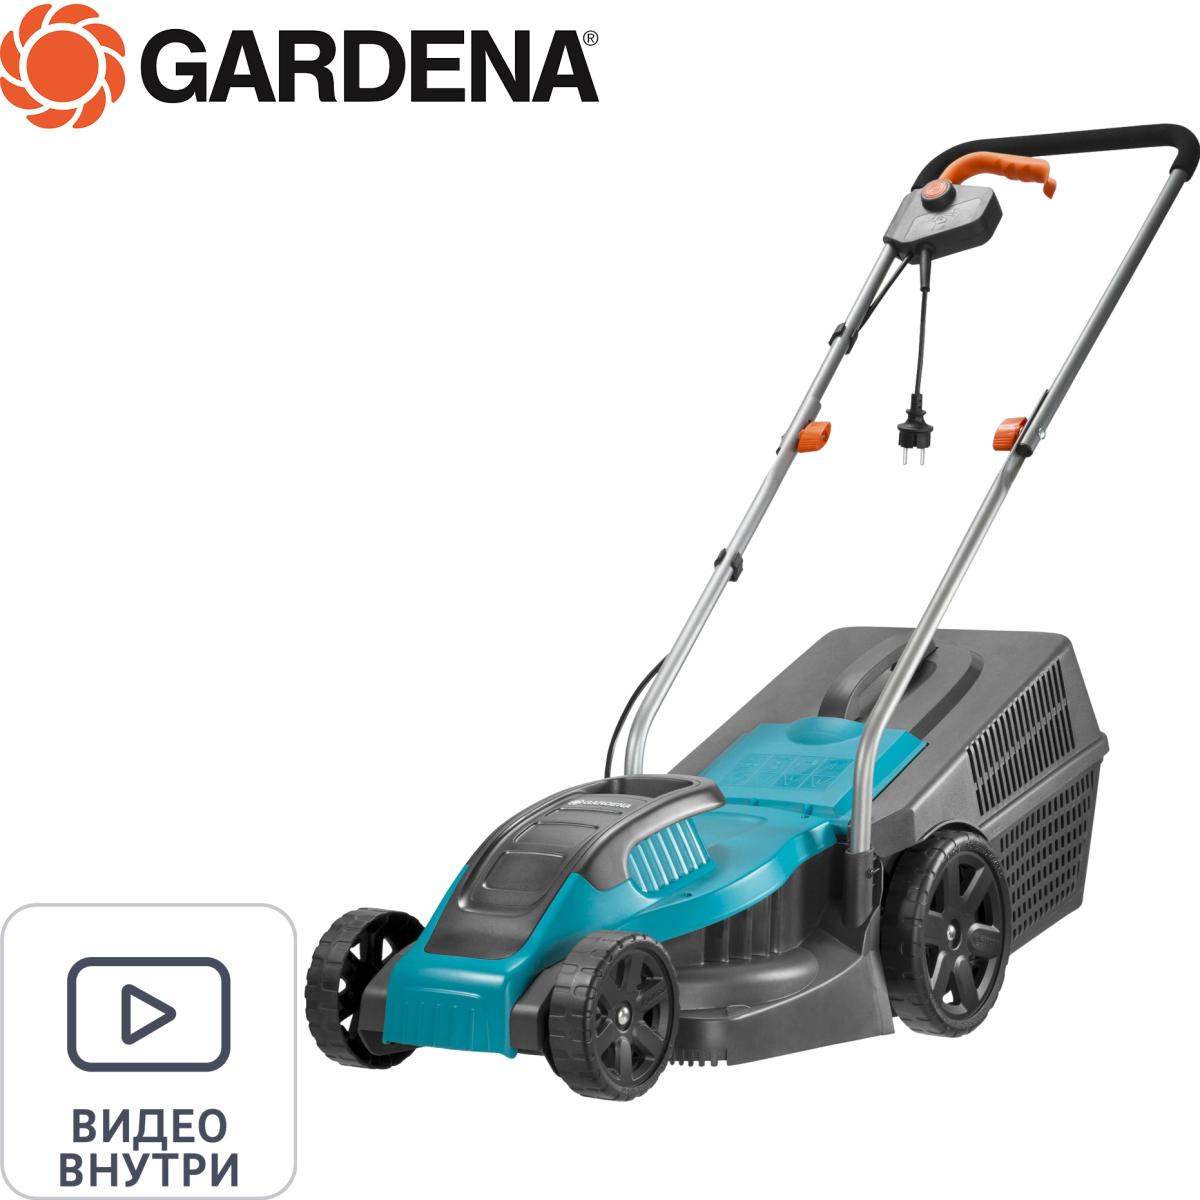 Газонокосилка электрическая Gardena PowerMax 1100/32 1100 Вт 32 см